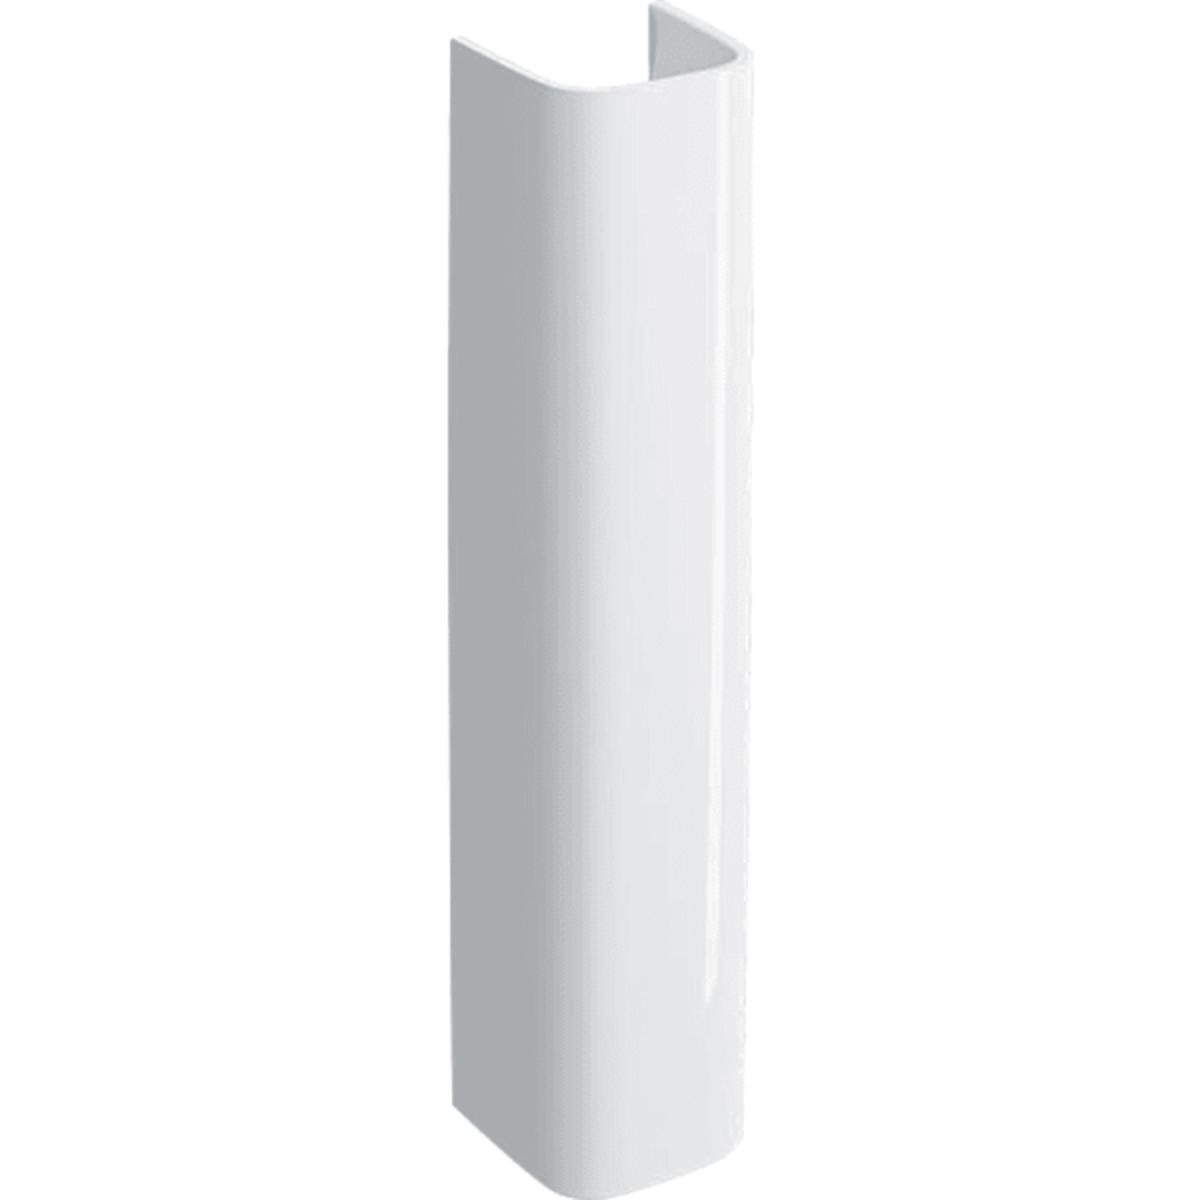 Stĺp k umývadlu Geberit Selnova 16,5x15 cm otvor pre batériu uprostred 500.342.01.1